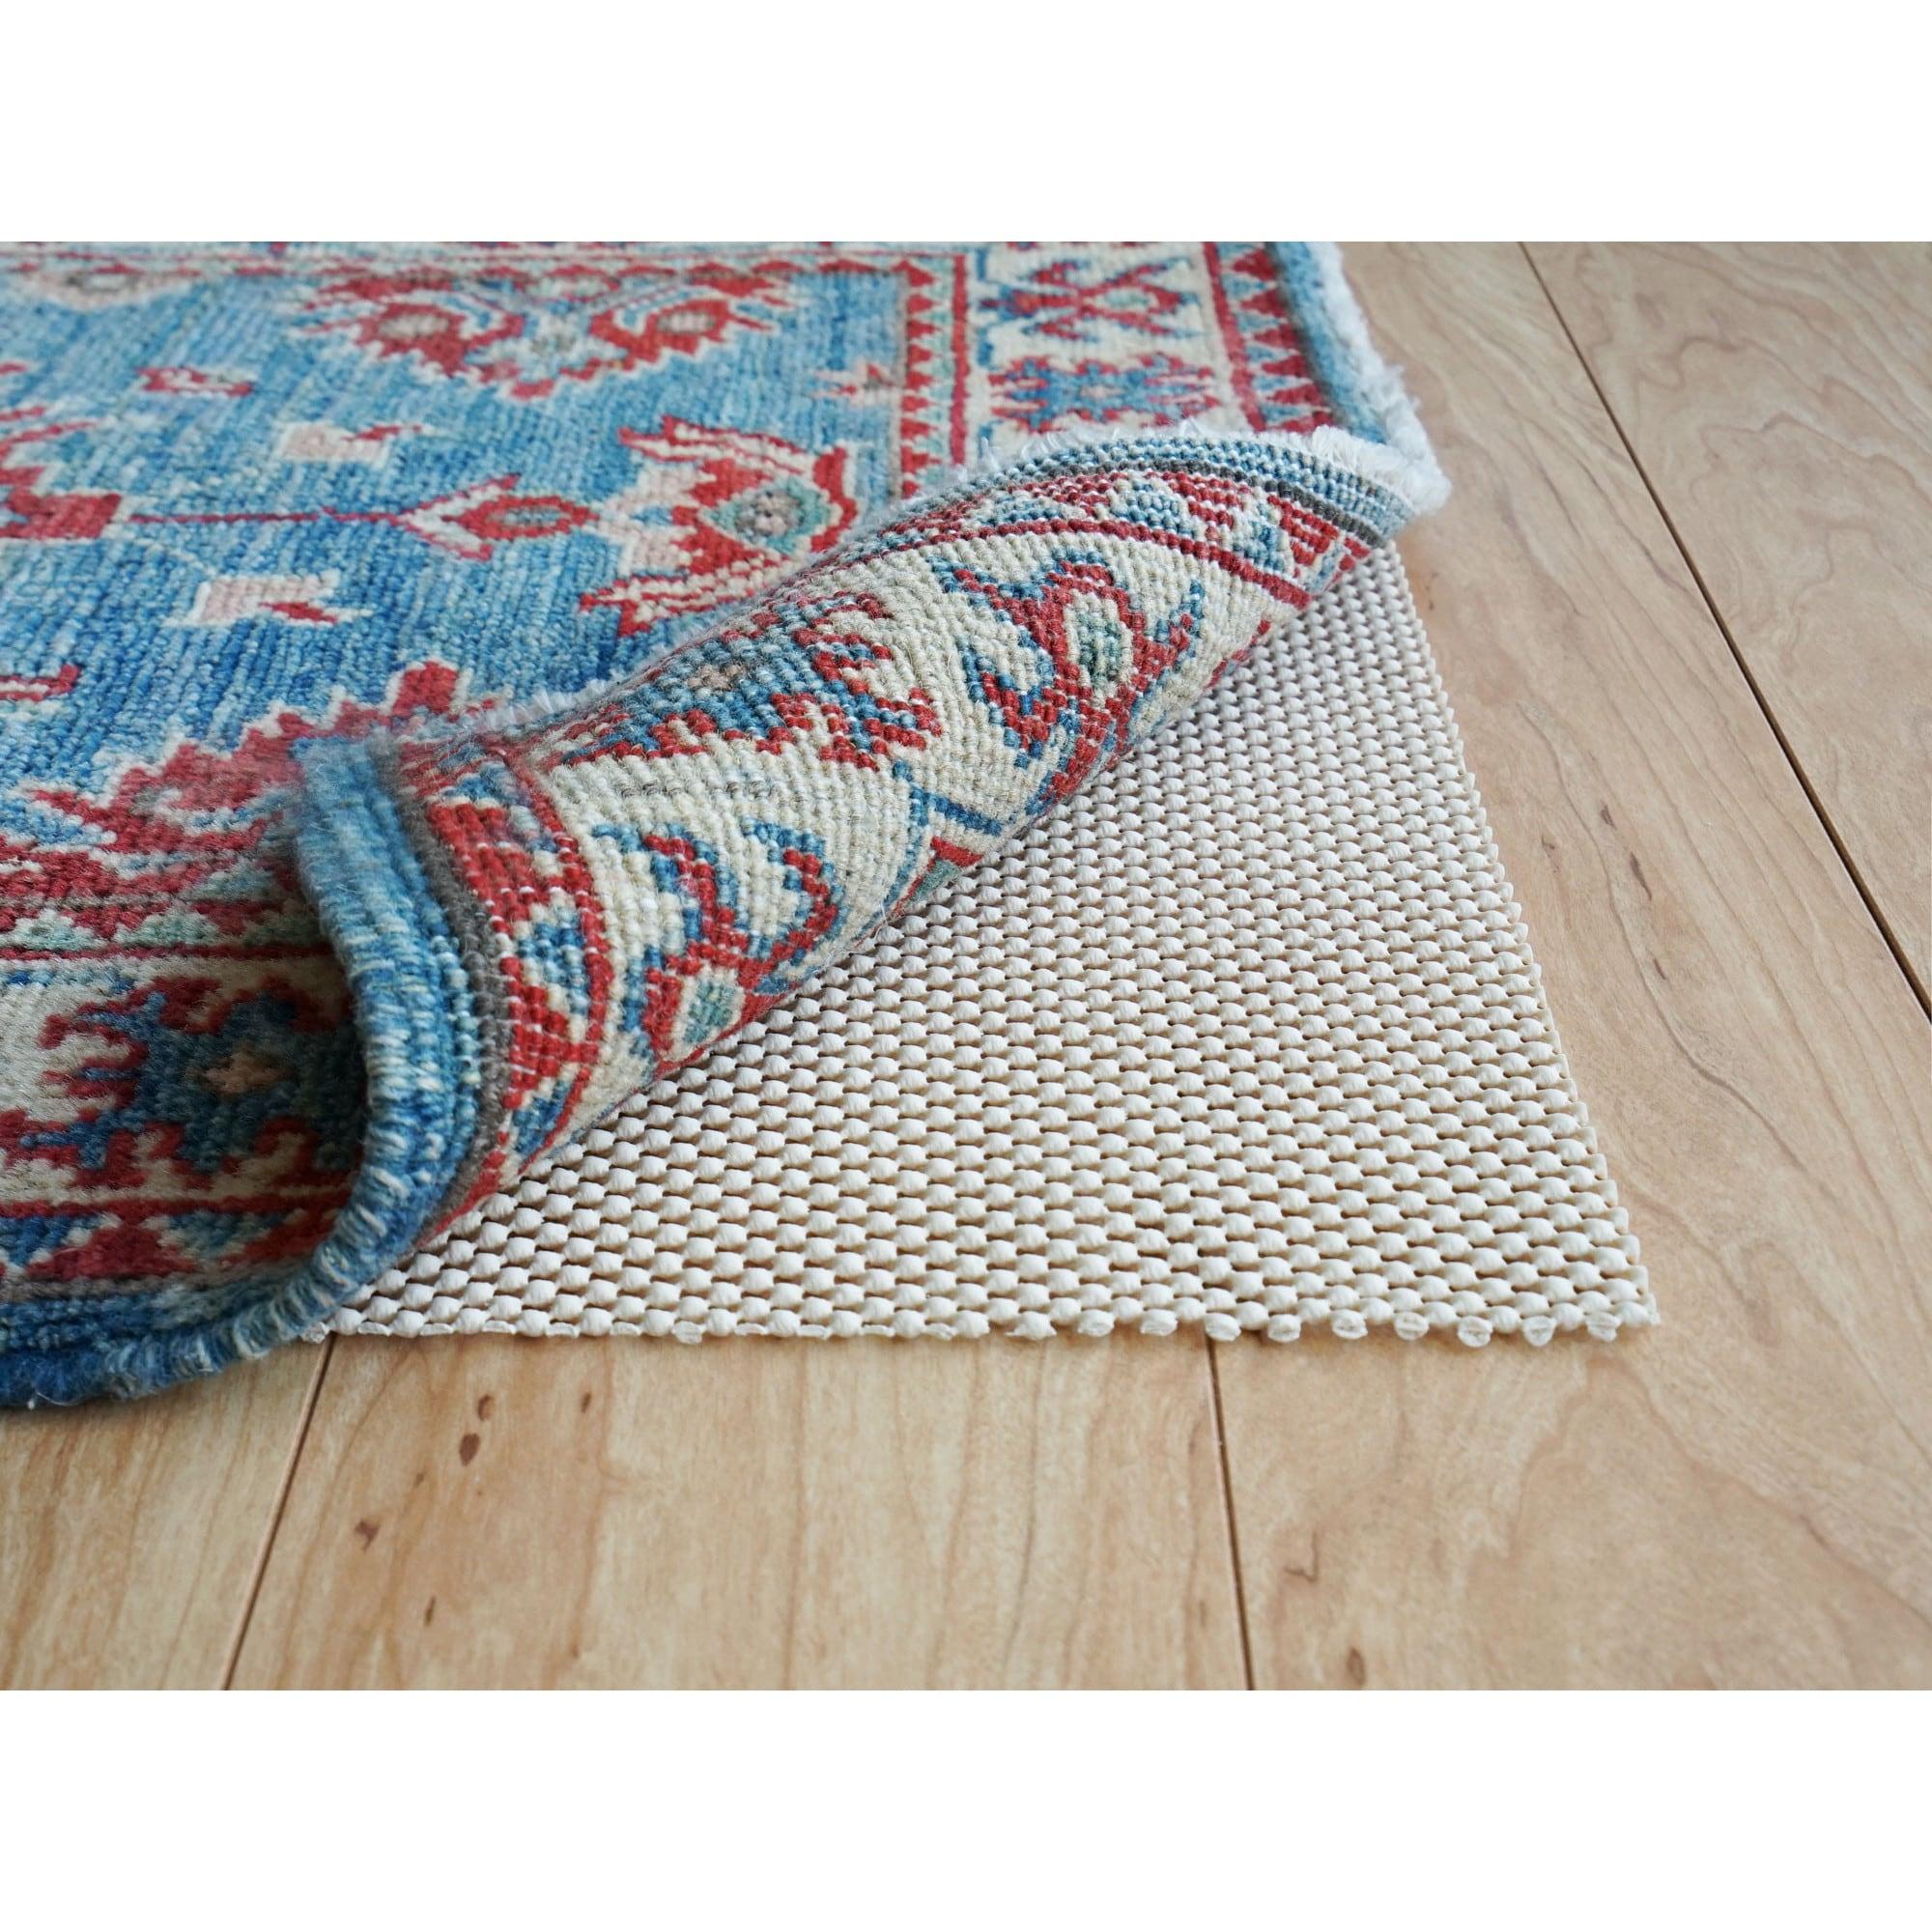 Eco Lock 100% Natural Rubber Non-slip Rug Pad (4' x 4') (...